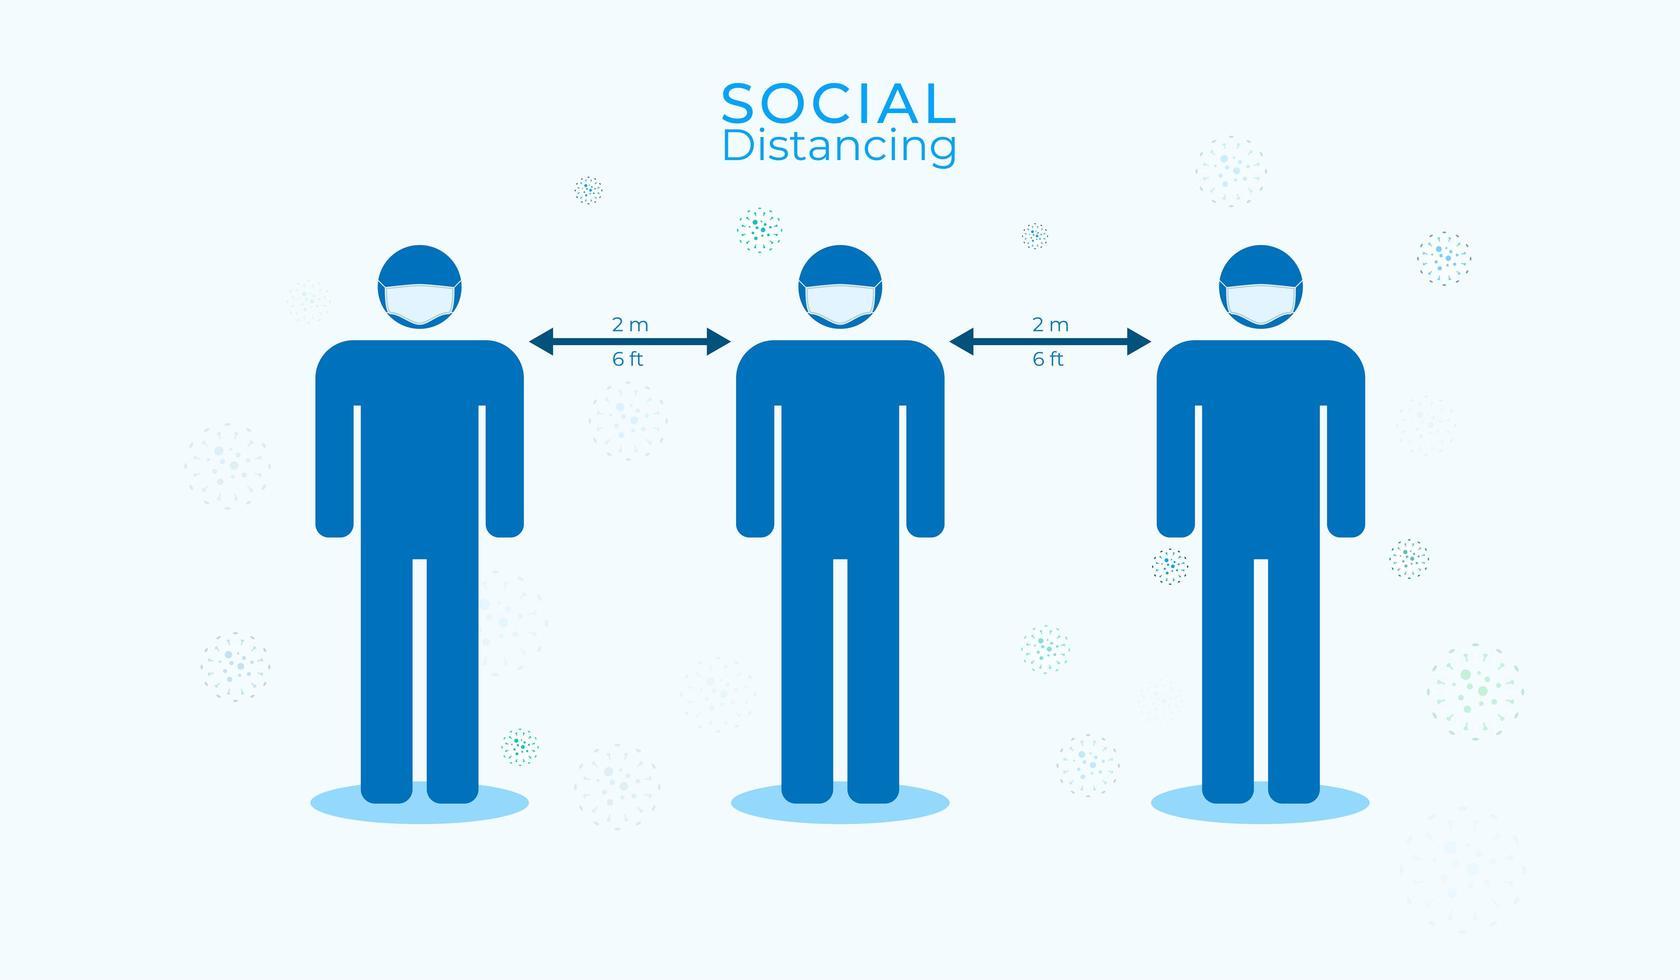 cartel de distanciamiento social con hombres con máscaras vector